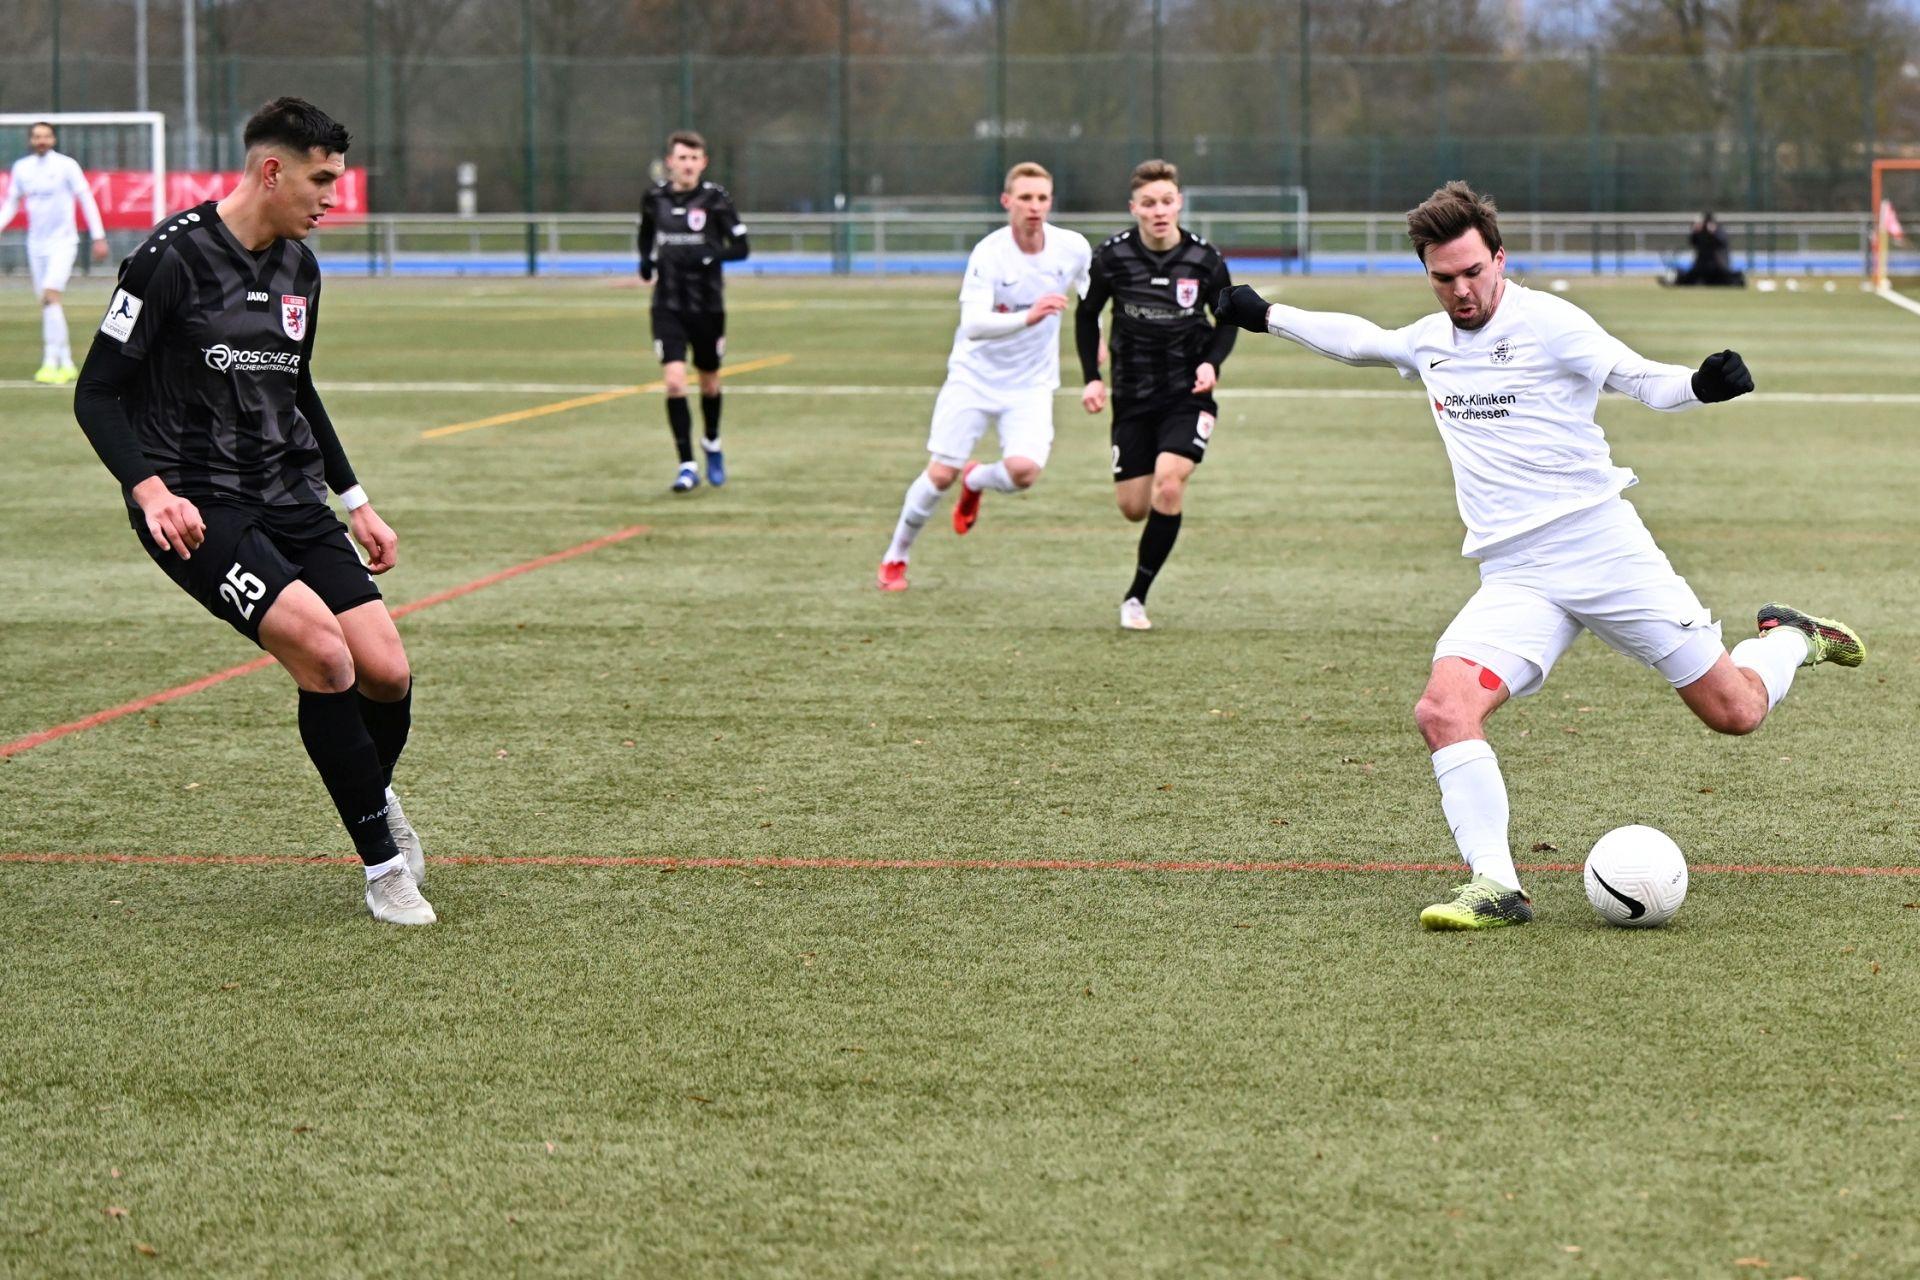 Regionalliga Südwest 2020/21, KSVHessen Kassel, FC Gießen, Endstand 1:1, Nils Pichinot